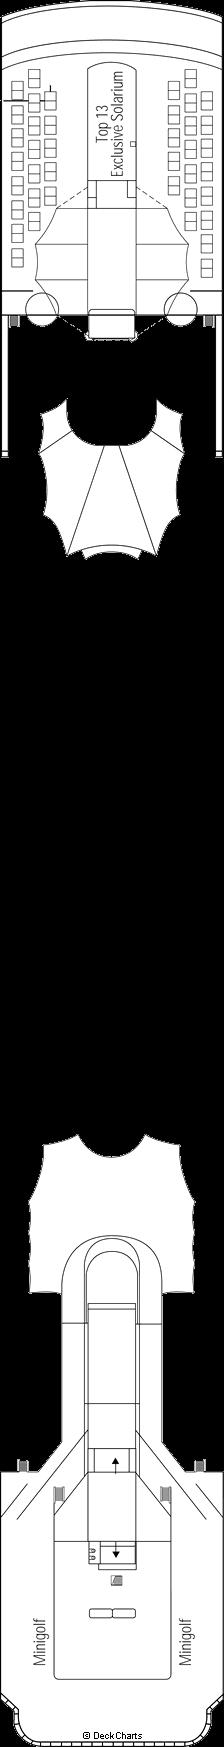 MSC Lirica: Sun Deck